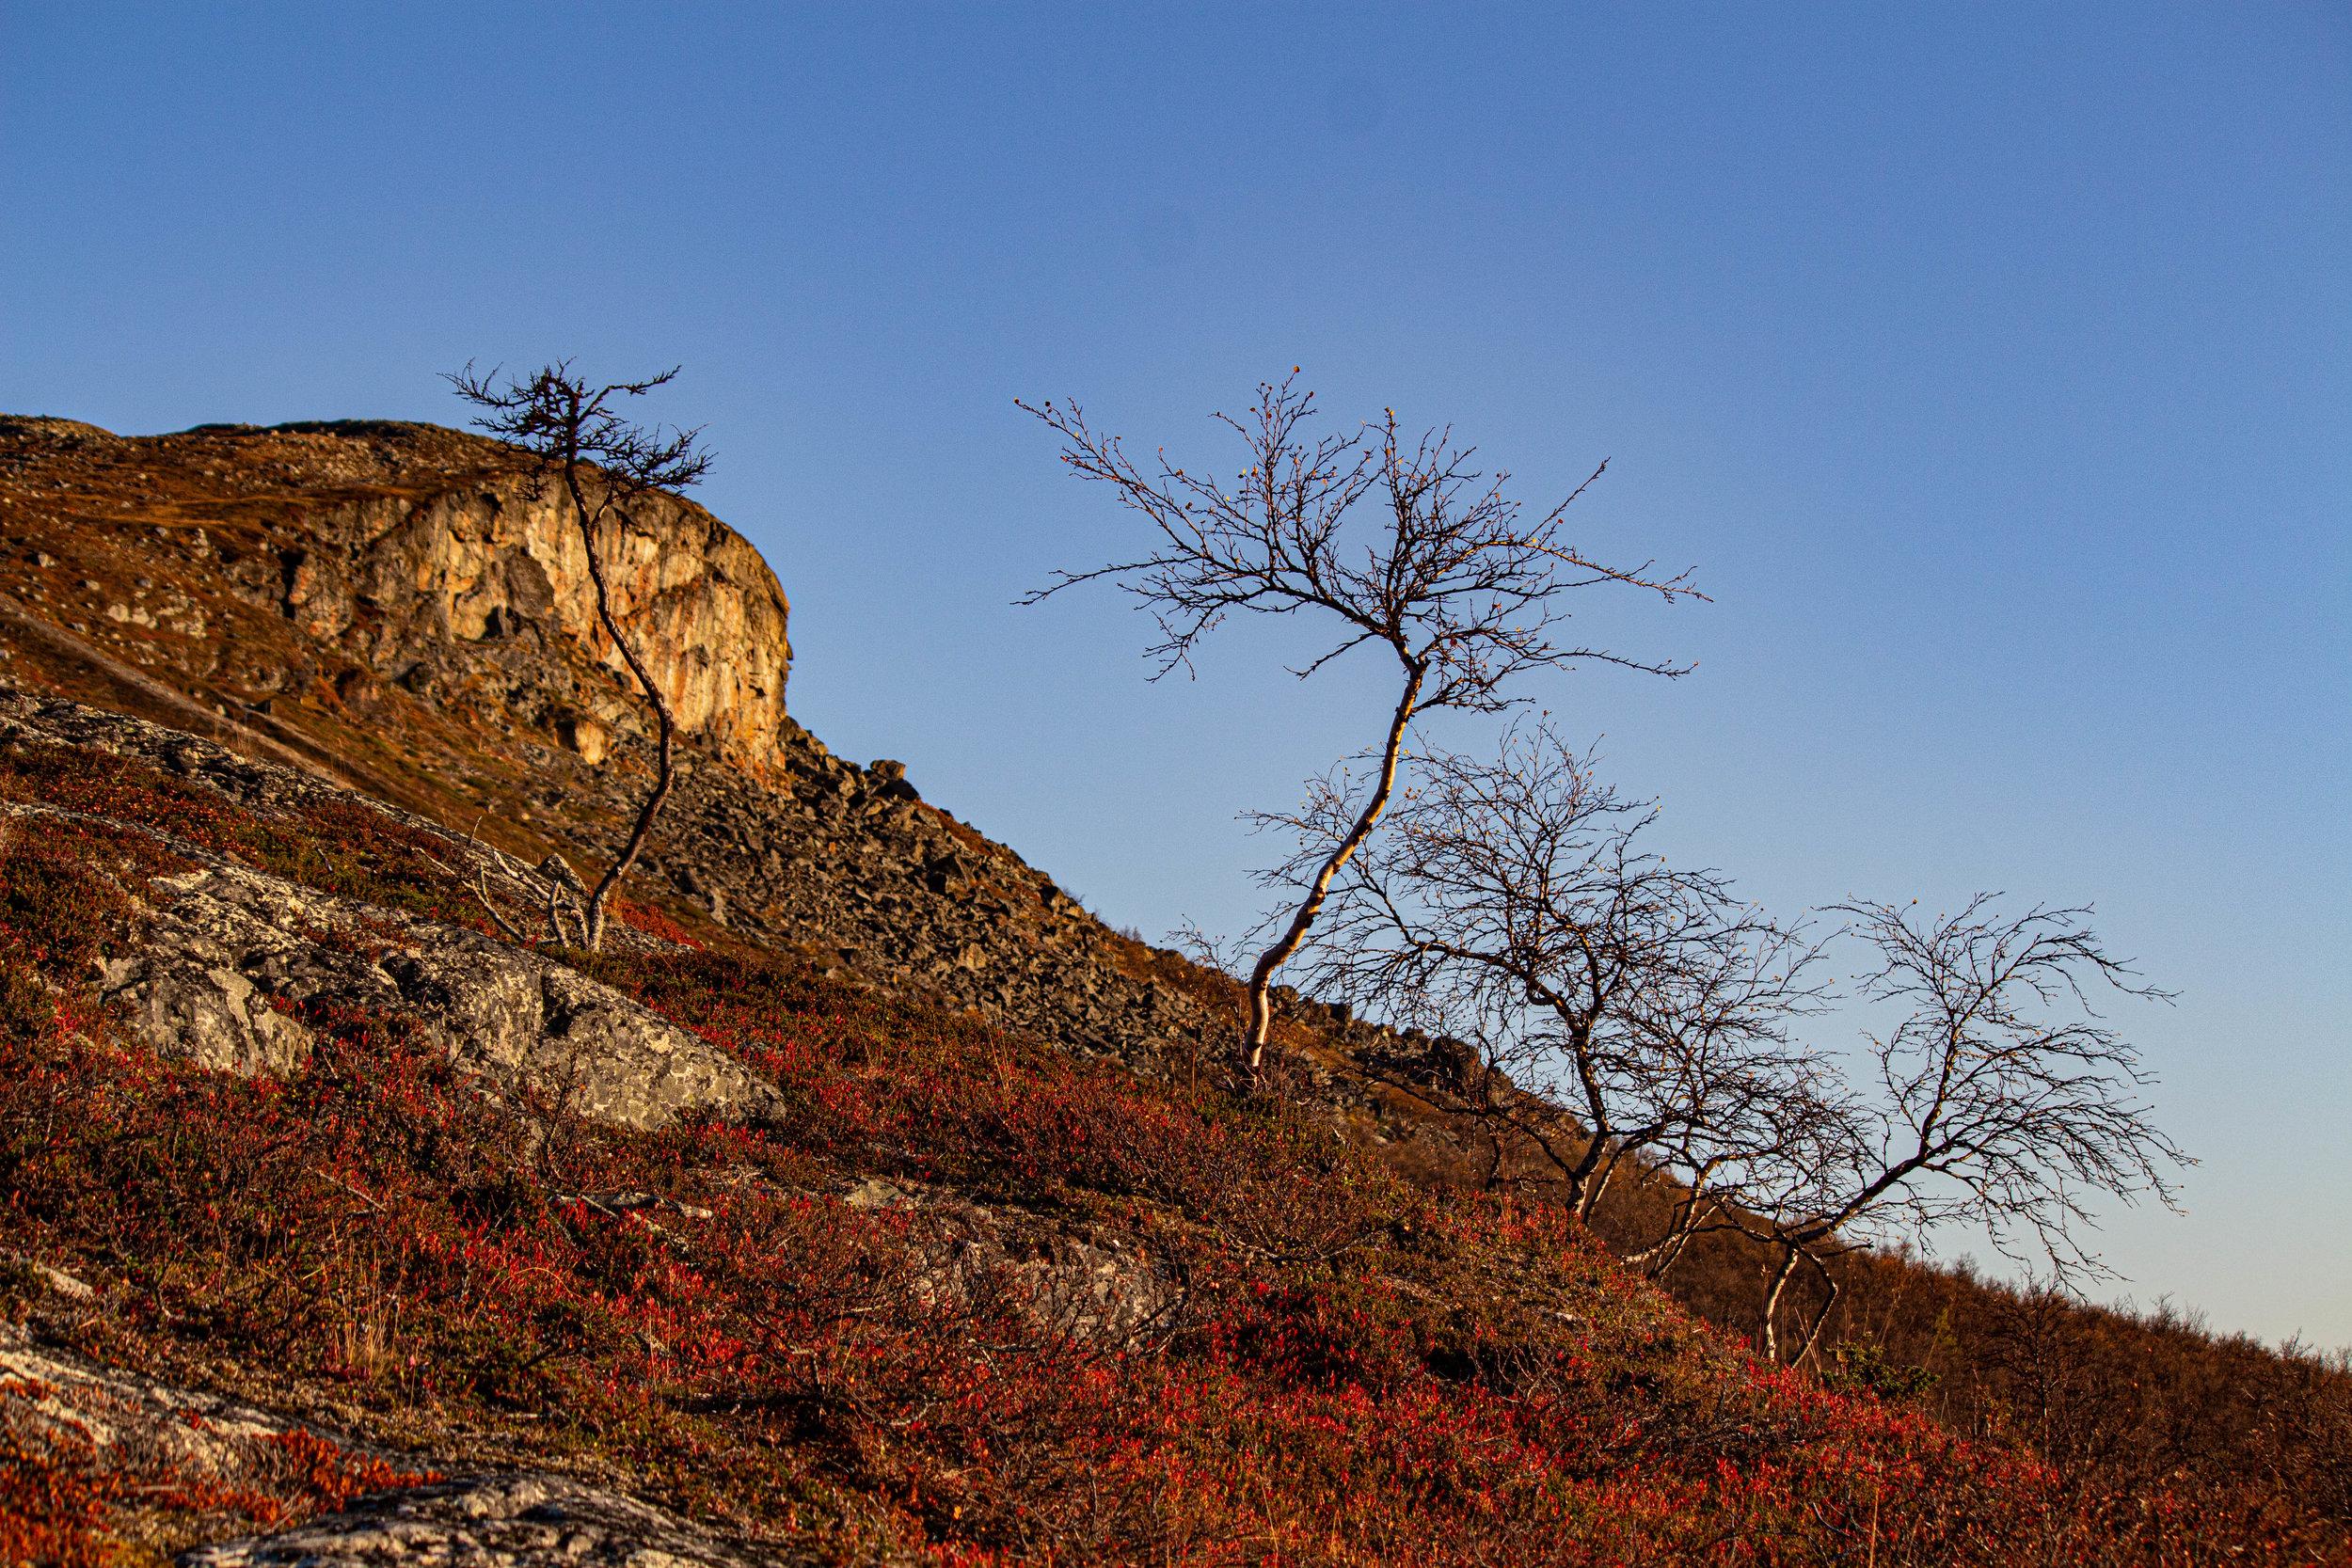 Syyskuun puolessavälissä ruskan värit tummenivat. Taustalla loistava  Saanatunturi  on minulta vielä huiputtamatta.